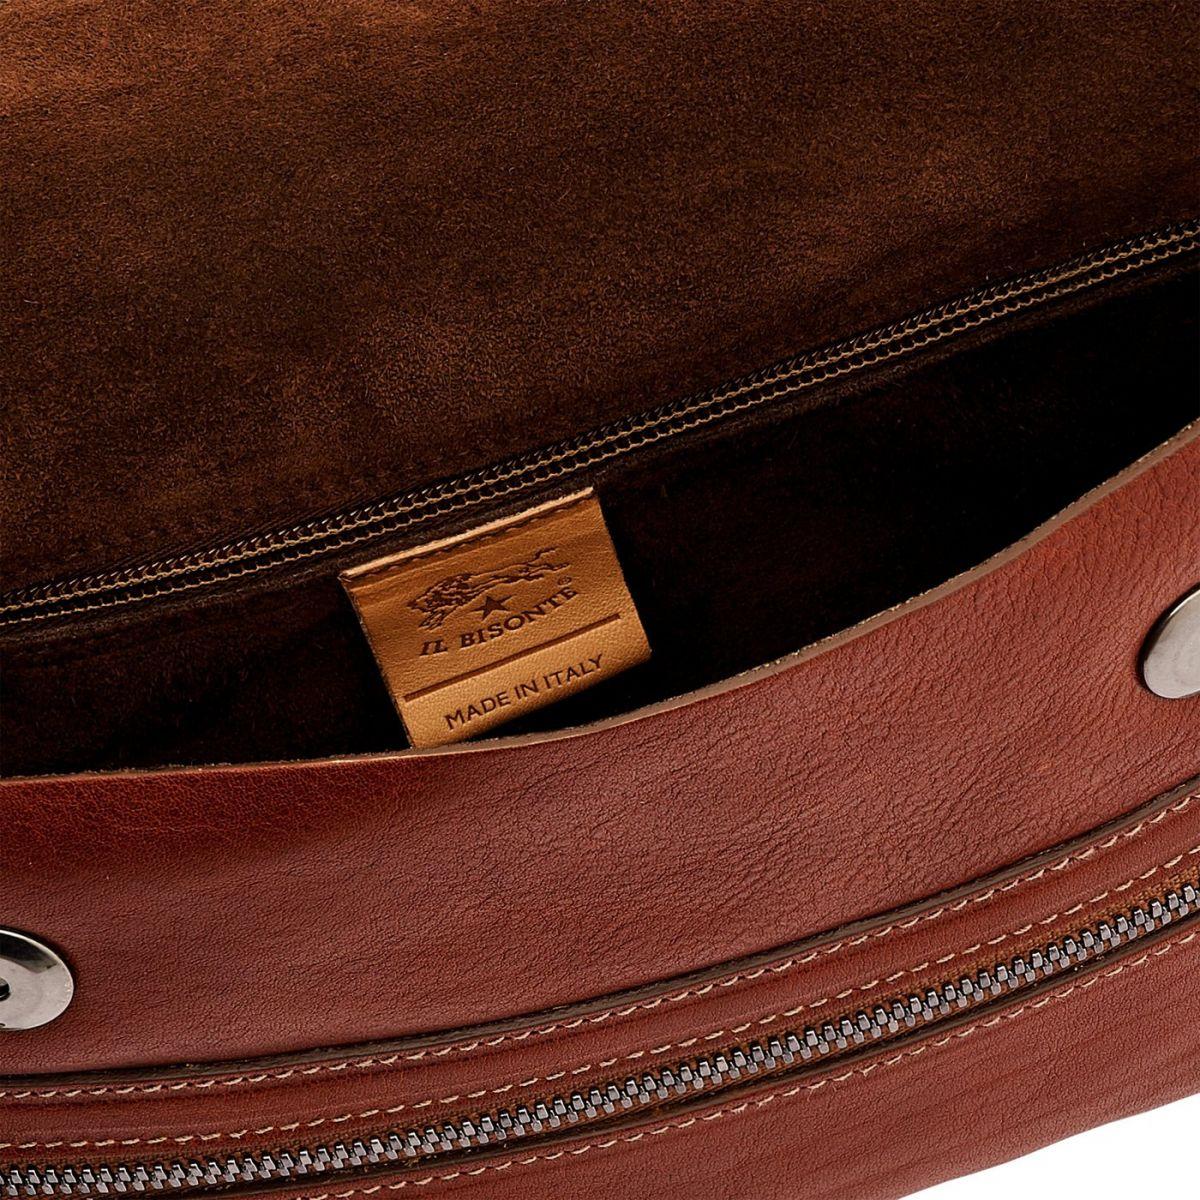 Men's Belt Bag Narciso in Vintage Cowhide Leather BBB024 color Dark Brown Seppia | Details